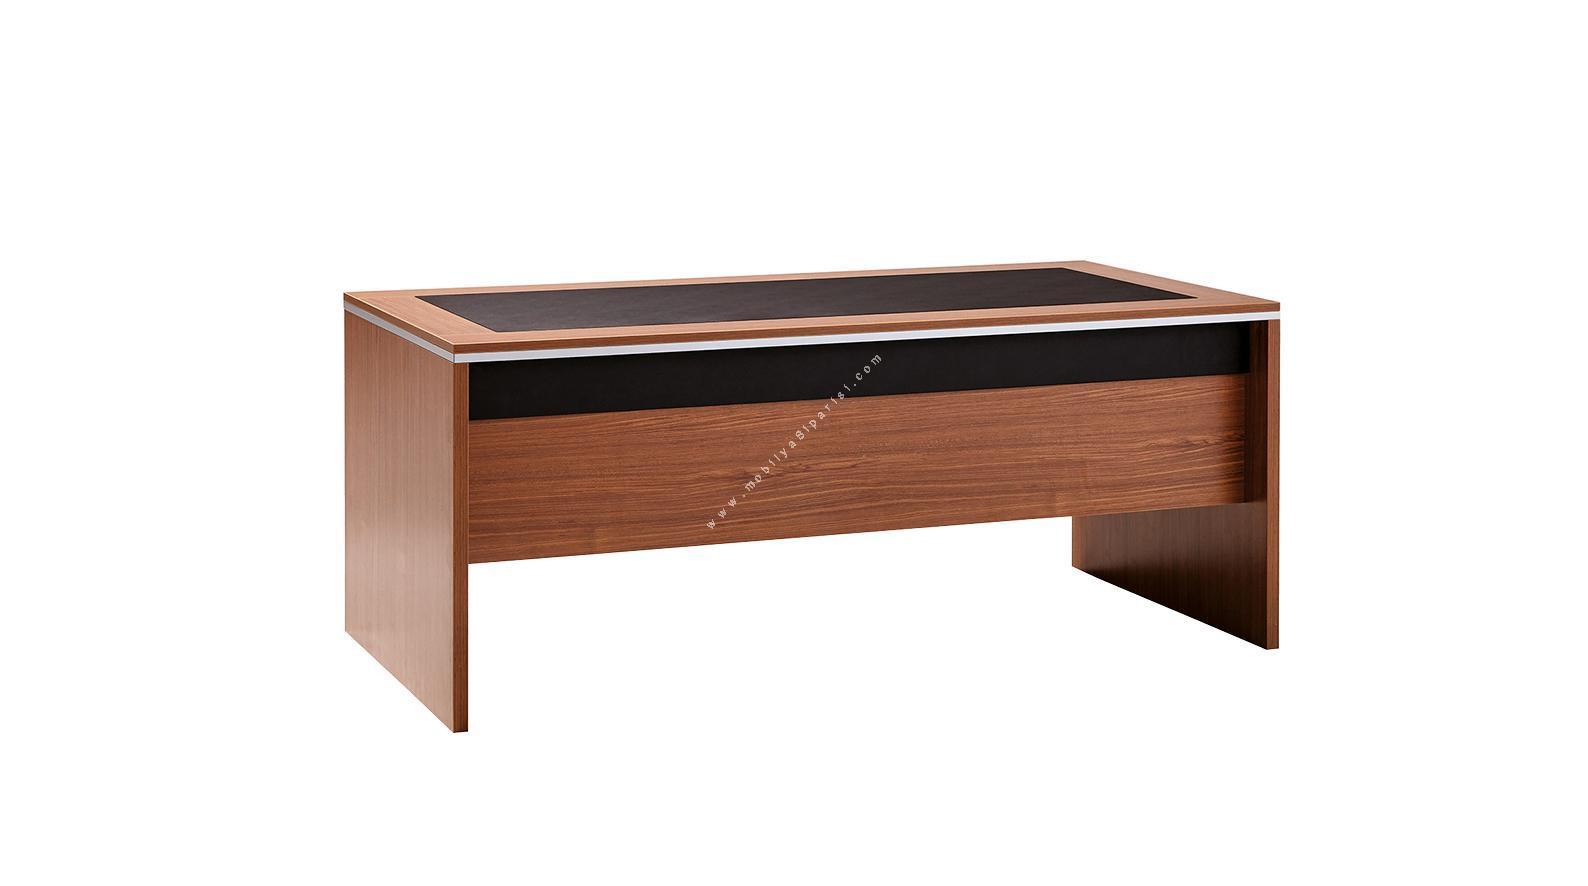 seam sümenli yönetici masası